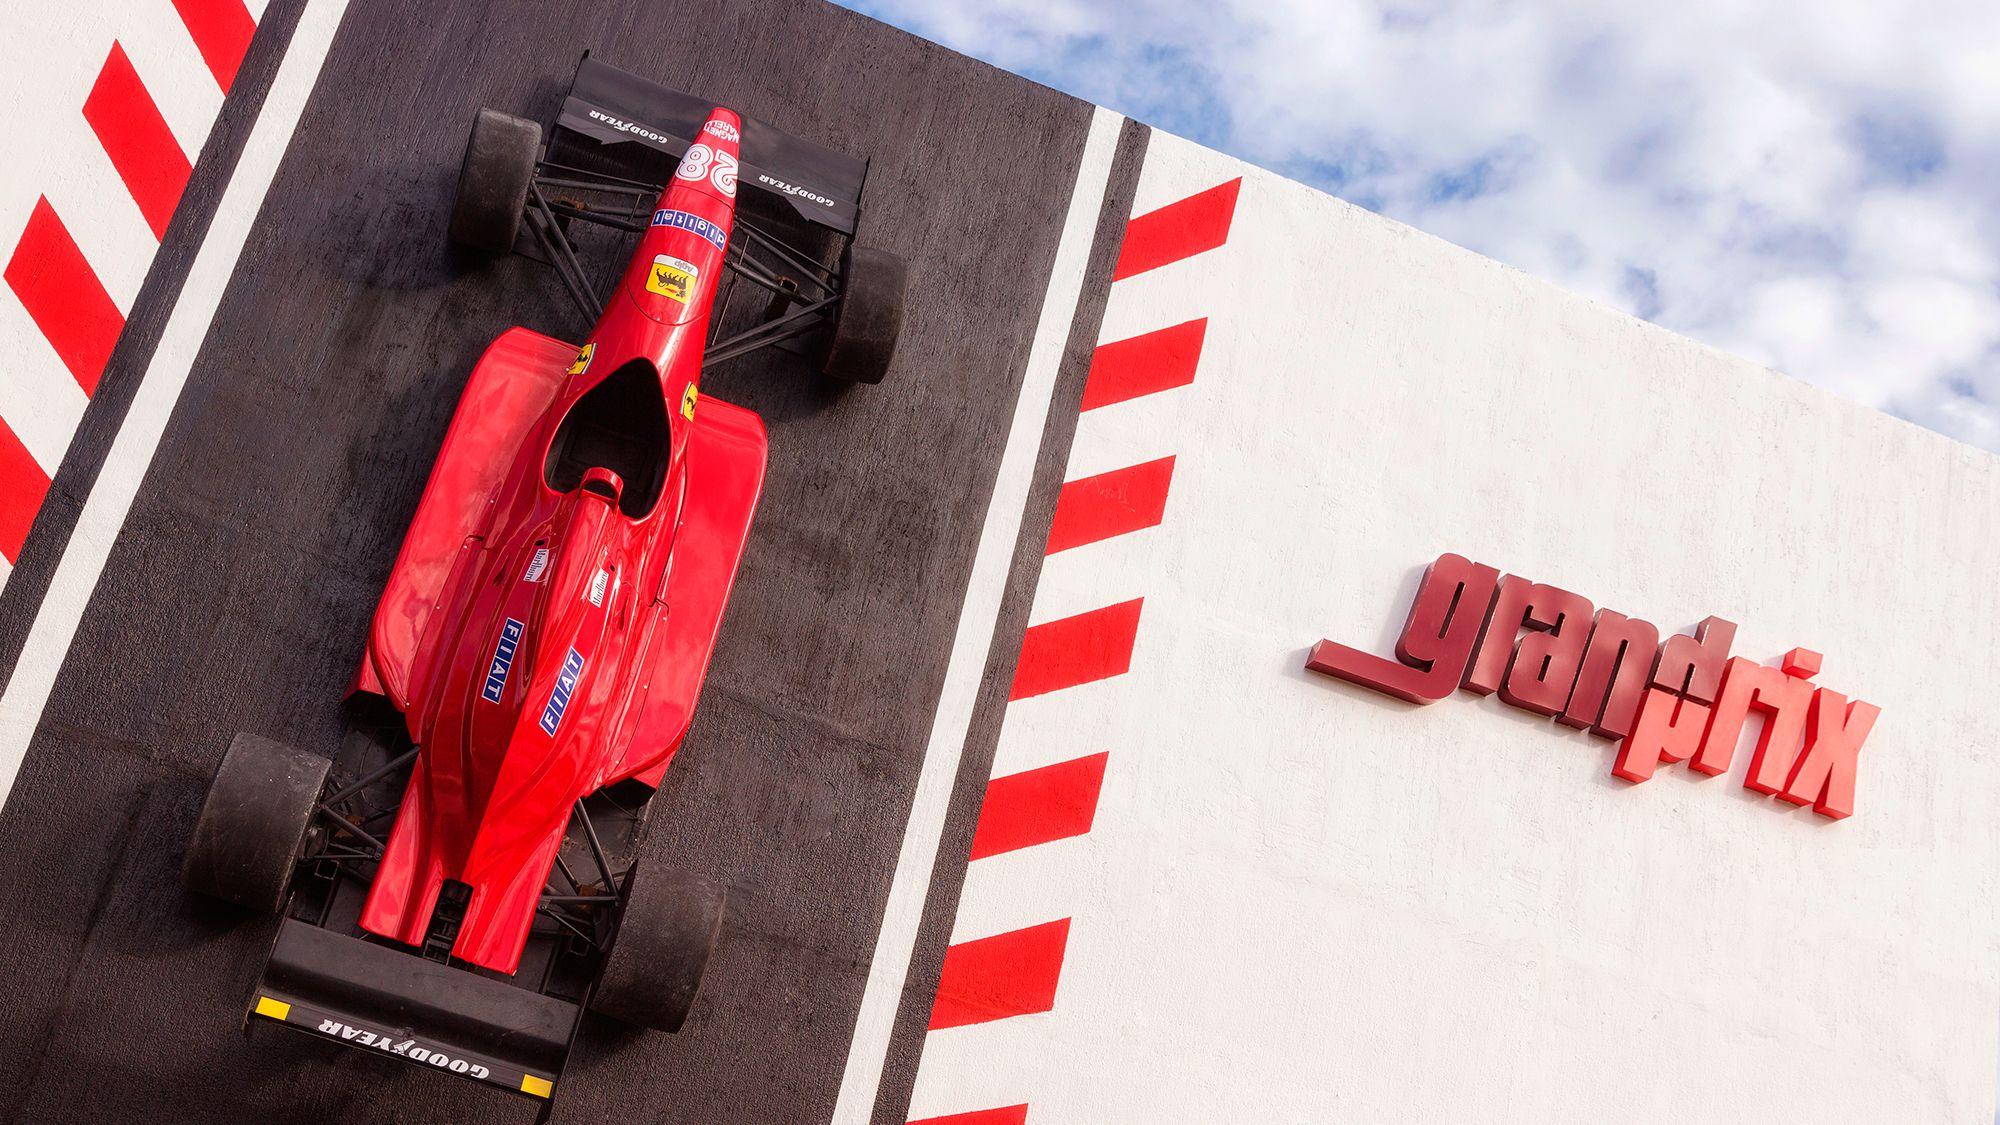 Grand Prix sign in Cancun